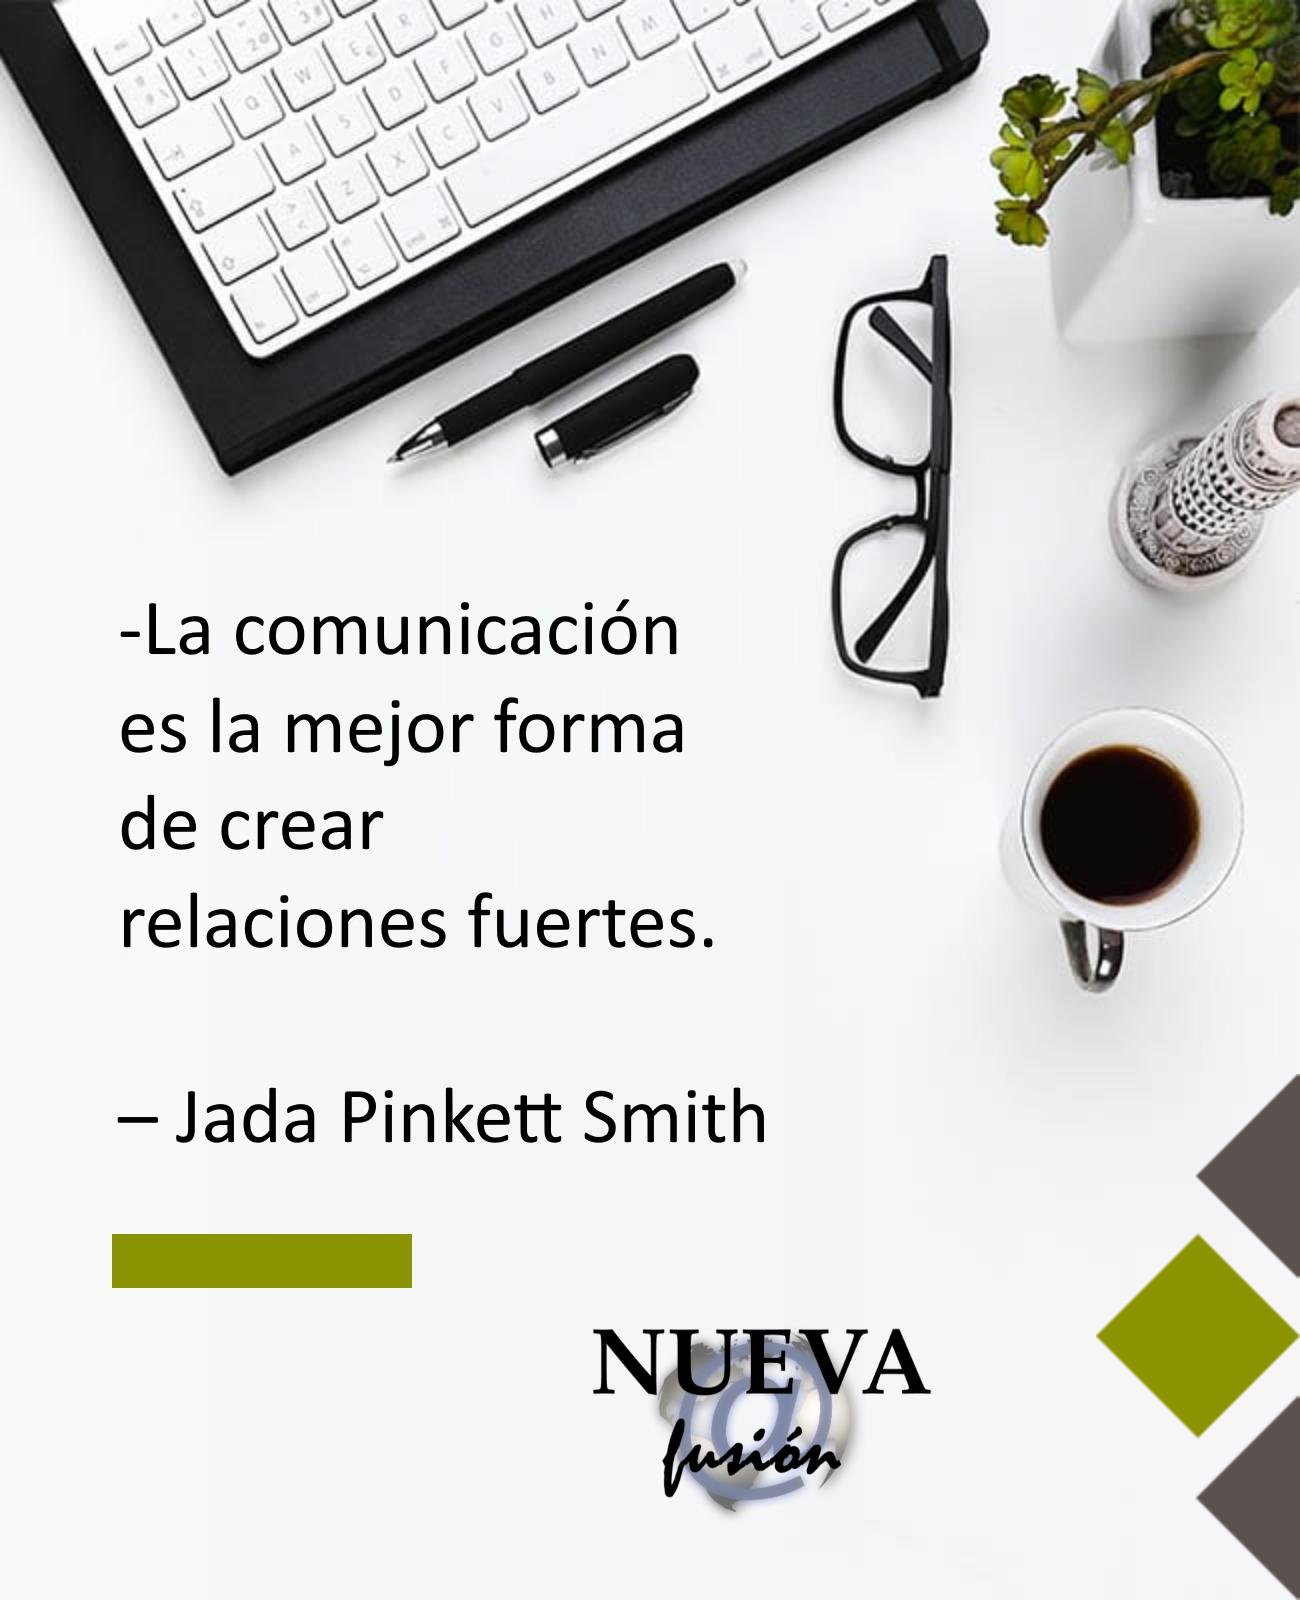 NUEVA FUSIÓN, AGENCIA DE PUBLICIDAD EN MÉRIDA, AGENCIA DE PUBLICIDAD, MÉRIDA, MÁRKETING, COMUNICACIÓN, NUEVA FUSIÓN SL.